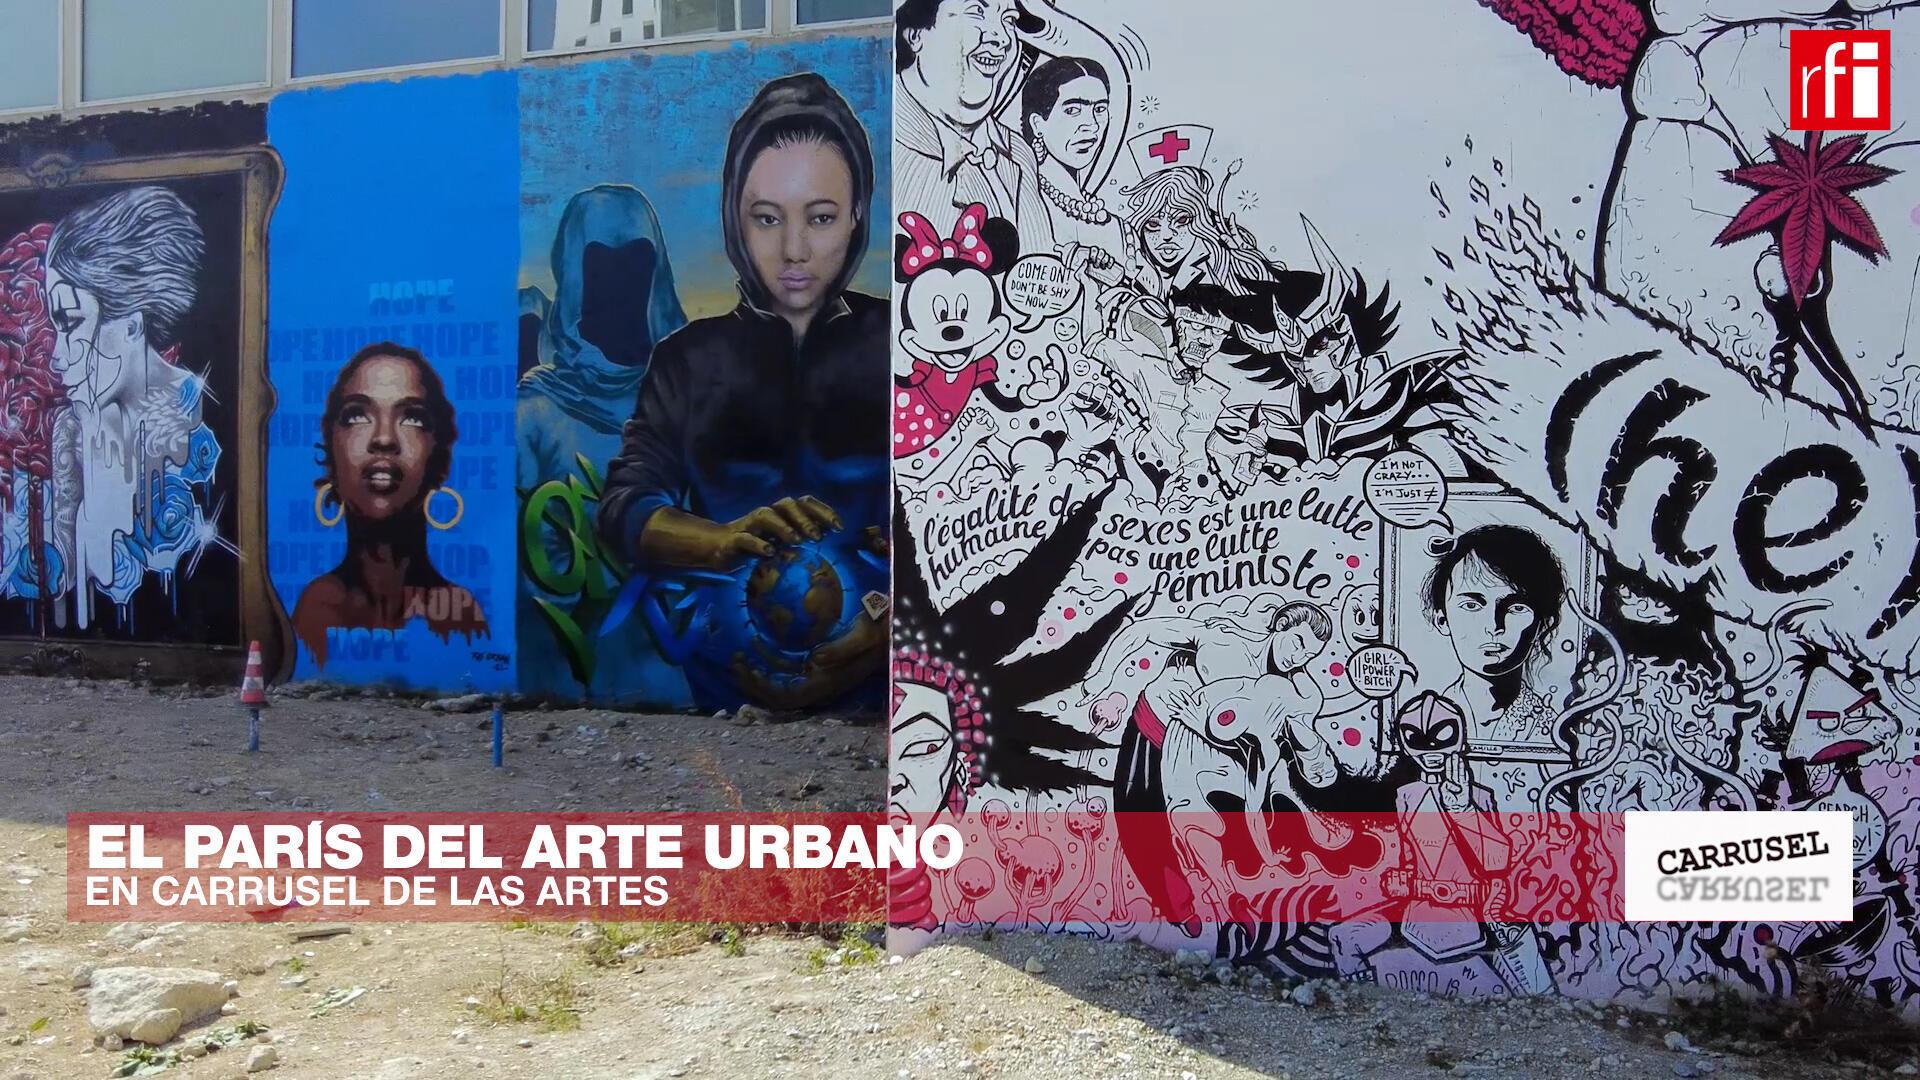 Carrusel de las Artes - Street Art